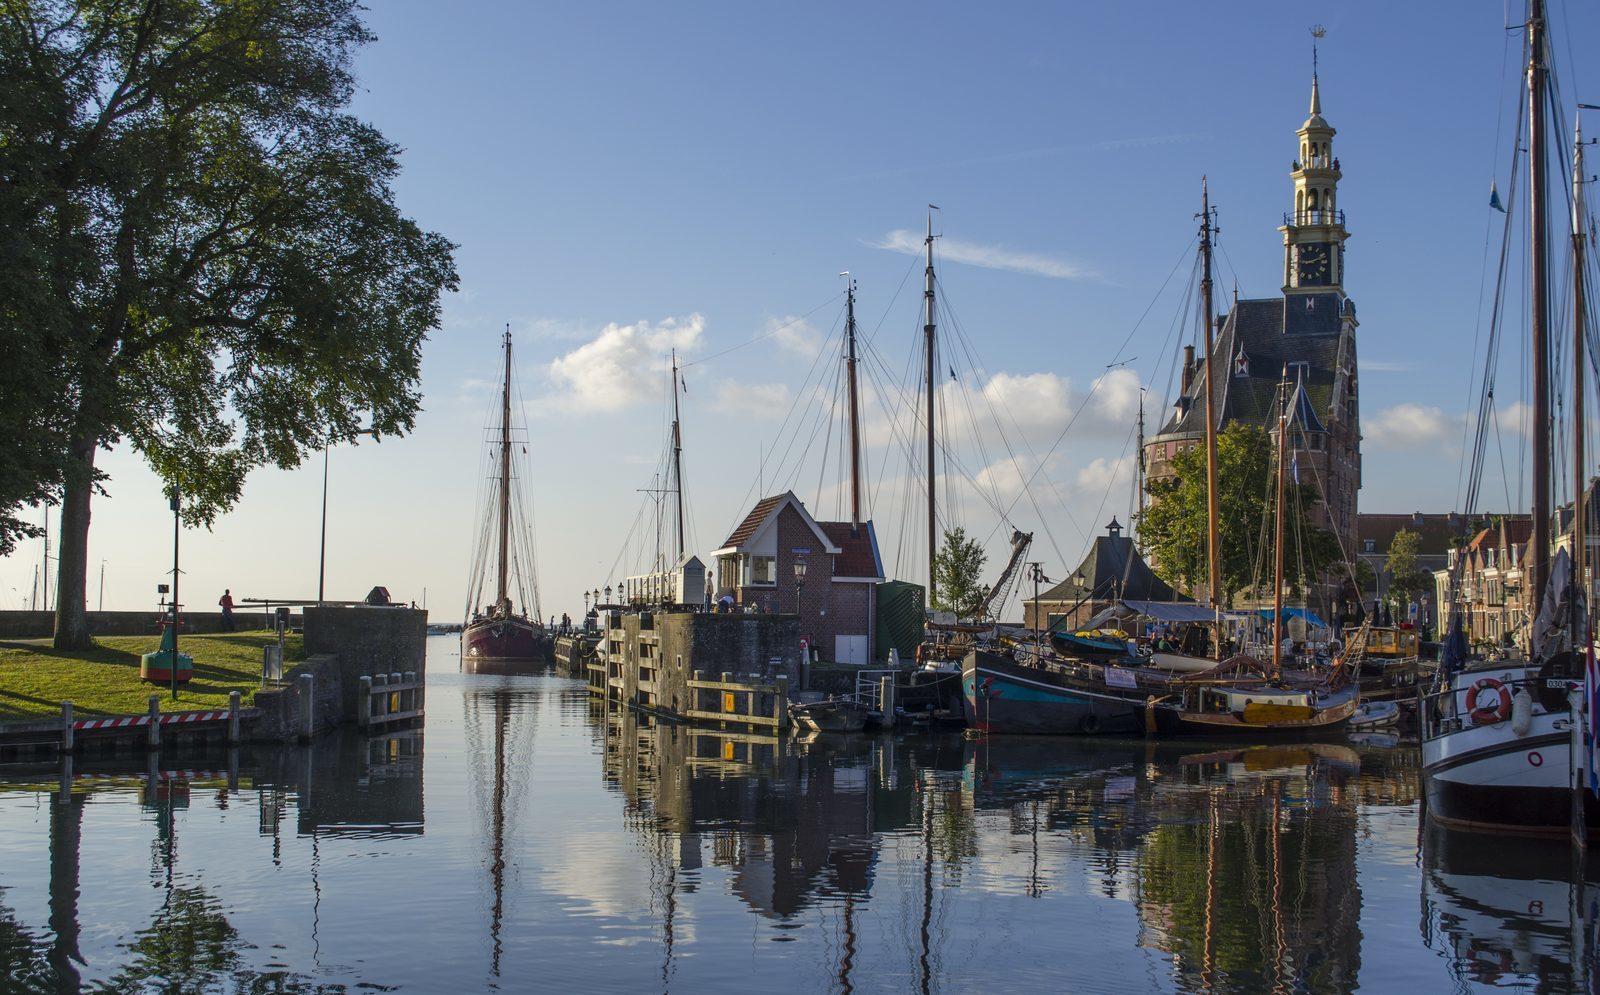 Holiday park Hoorn